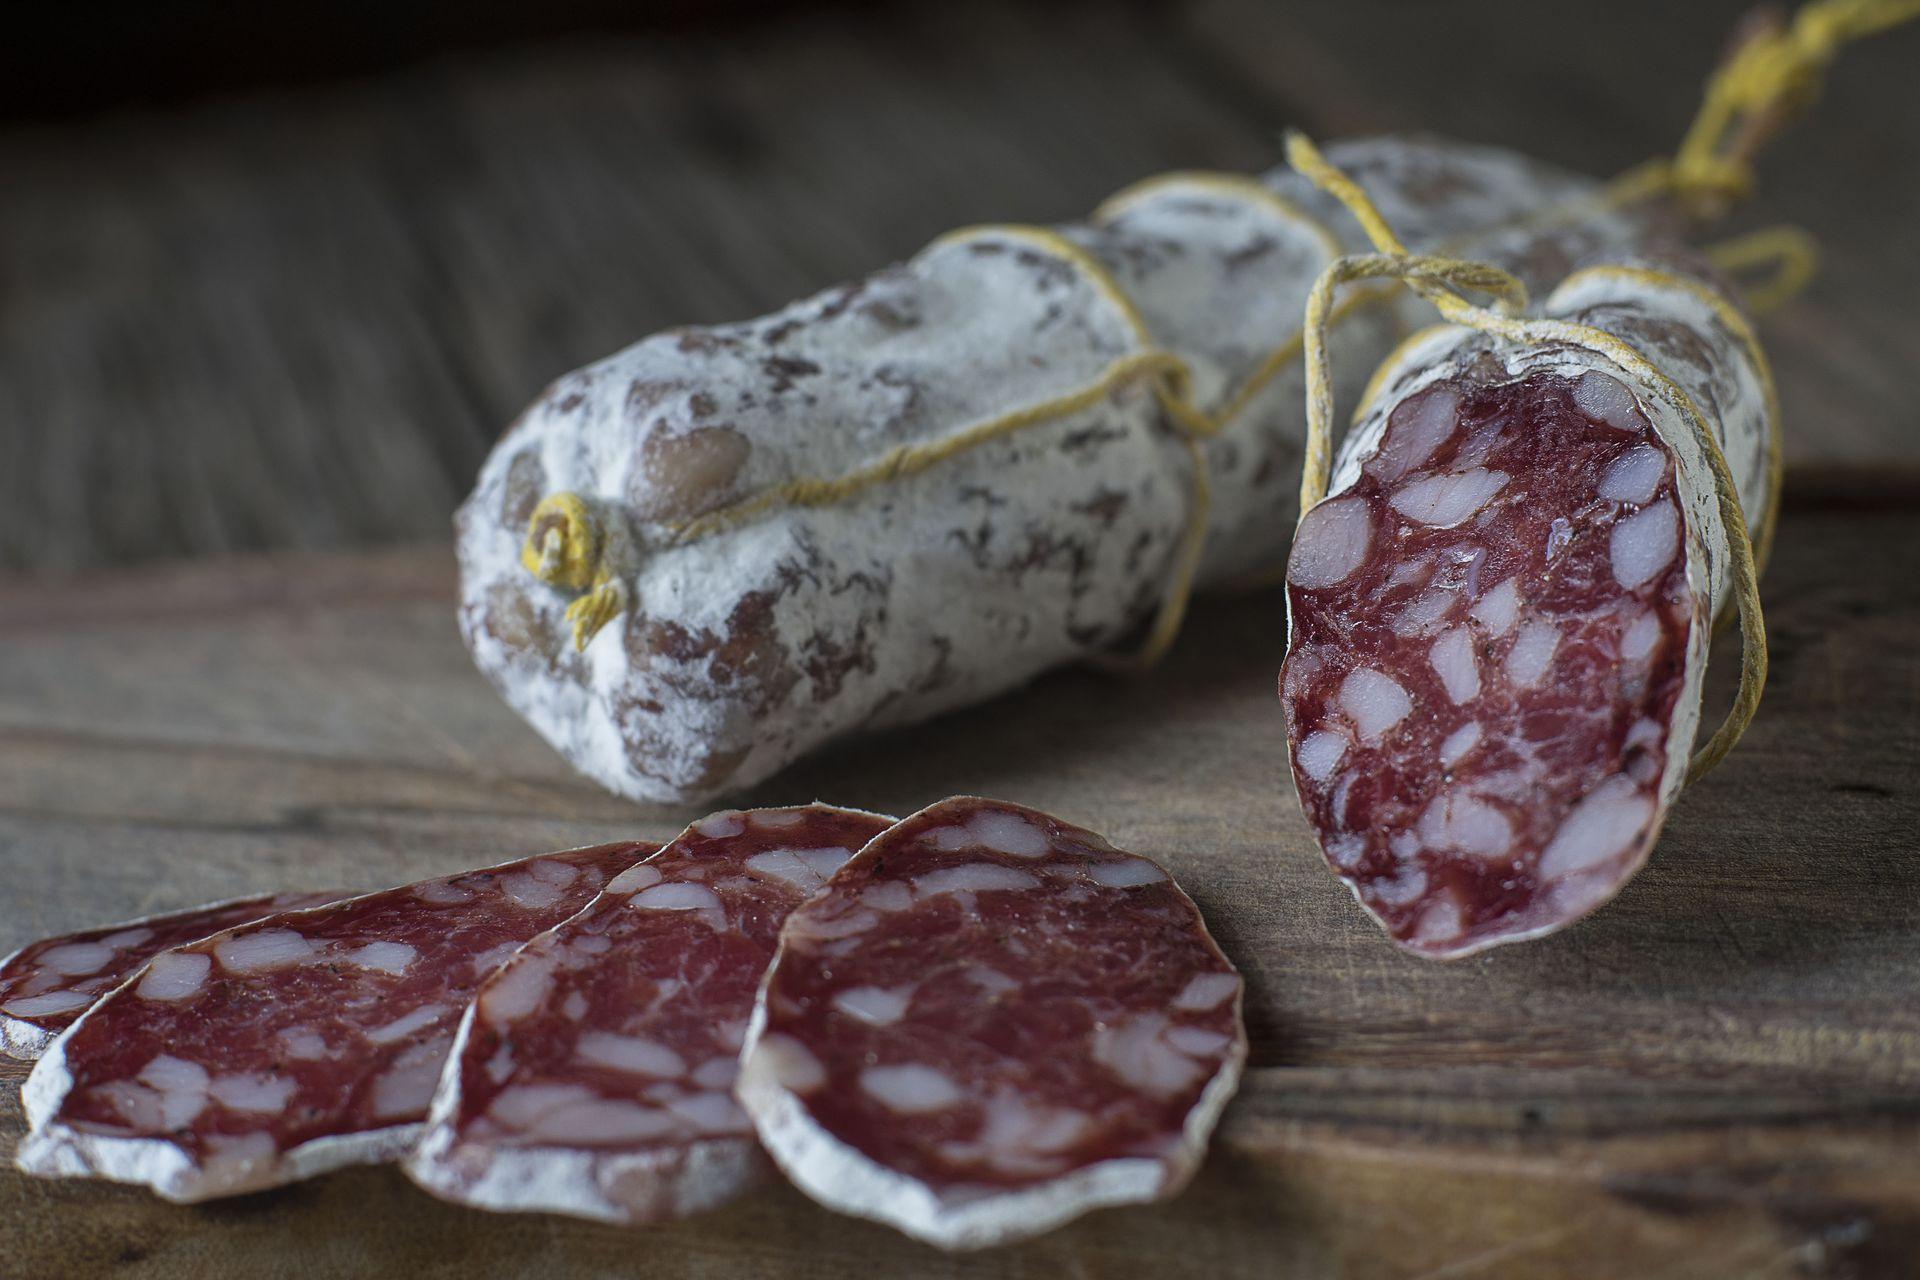 El salame de Tandil lleva carne vacuna, carne de cerdo, paleta, tocino dorsal, sal, pimienta negra y especias